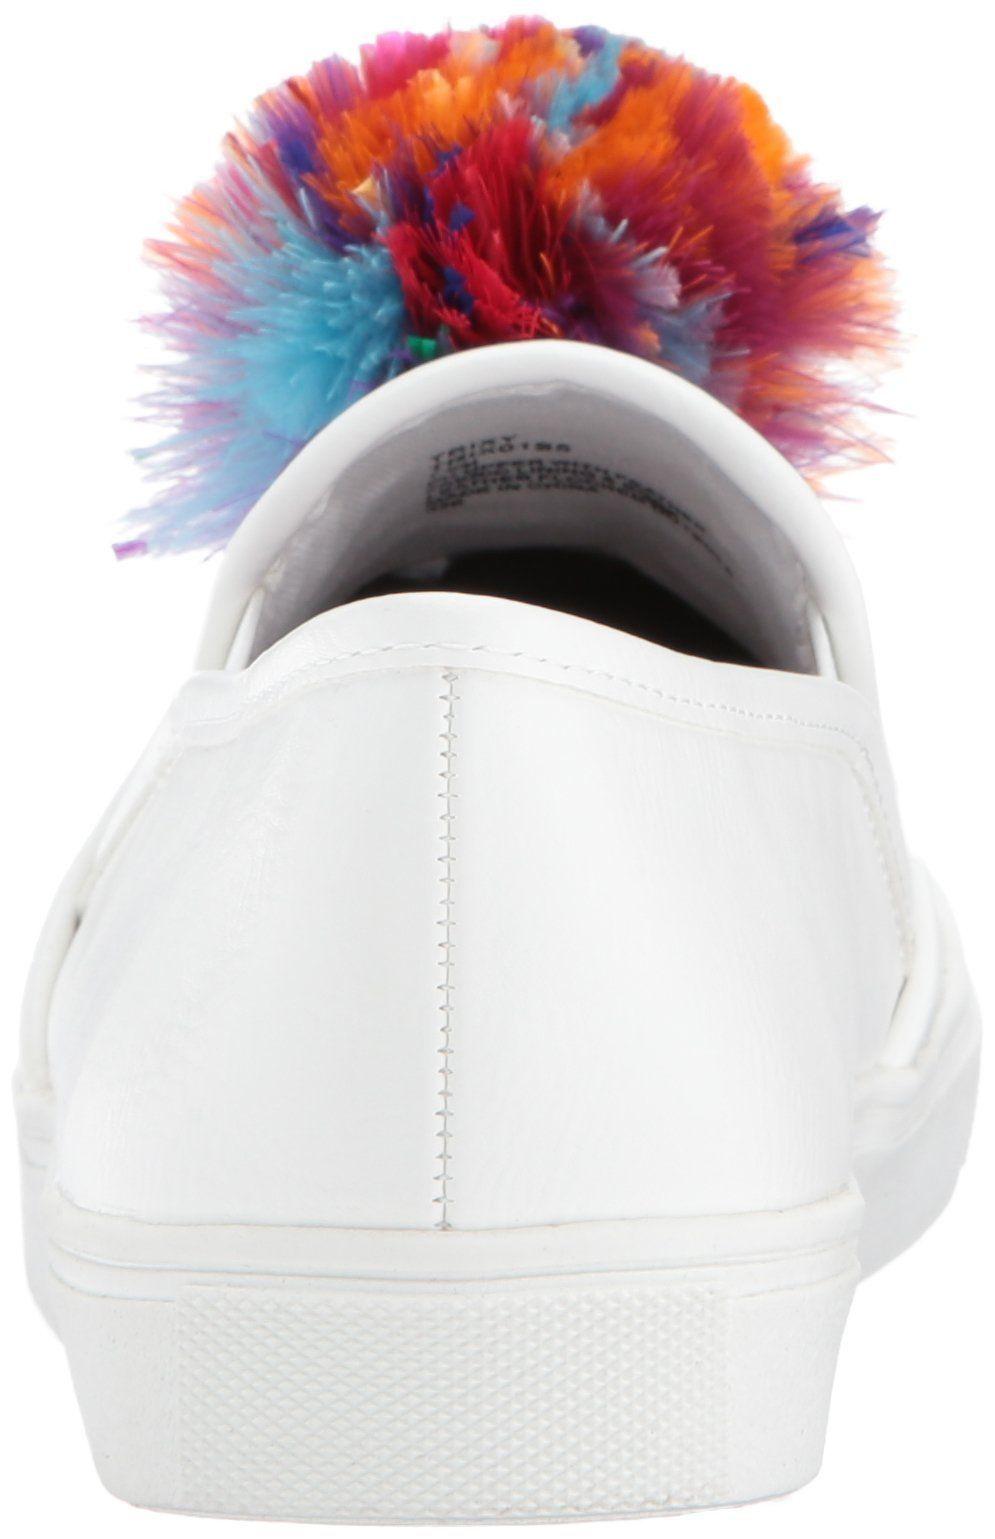 Blue by Betsey Johnson Women's Trixy Sneaker White 9.5 M US